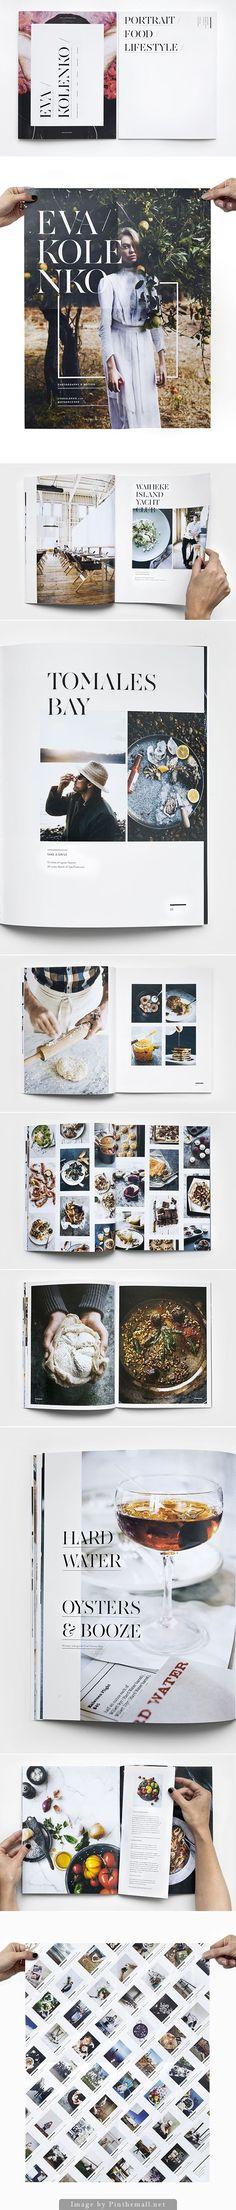 #layout #magazine by mattie